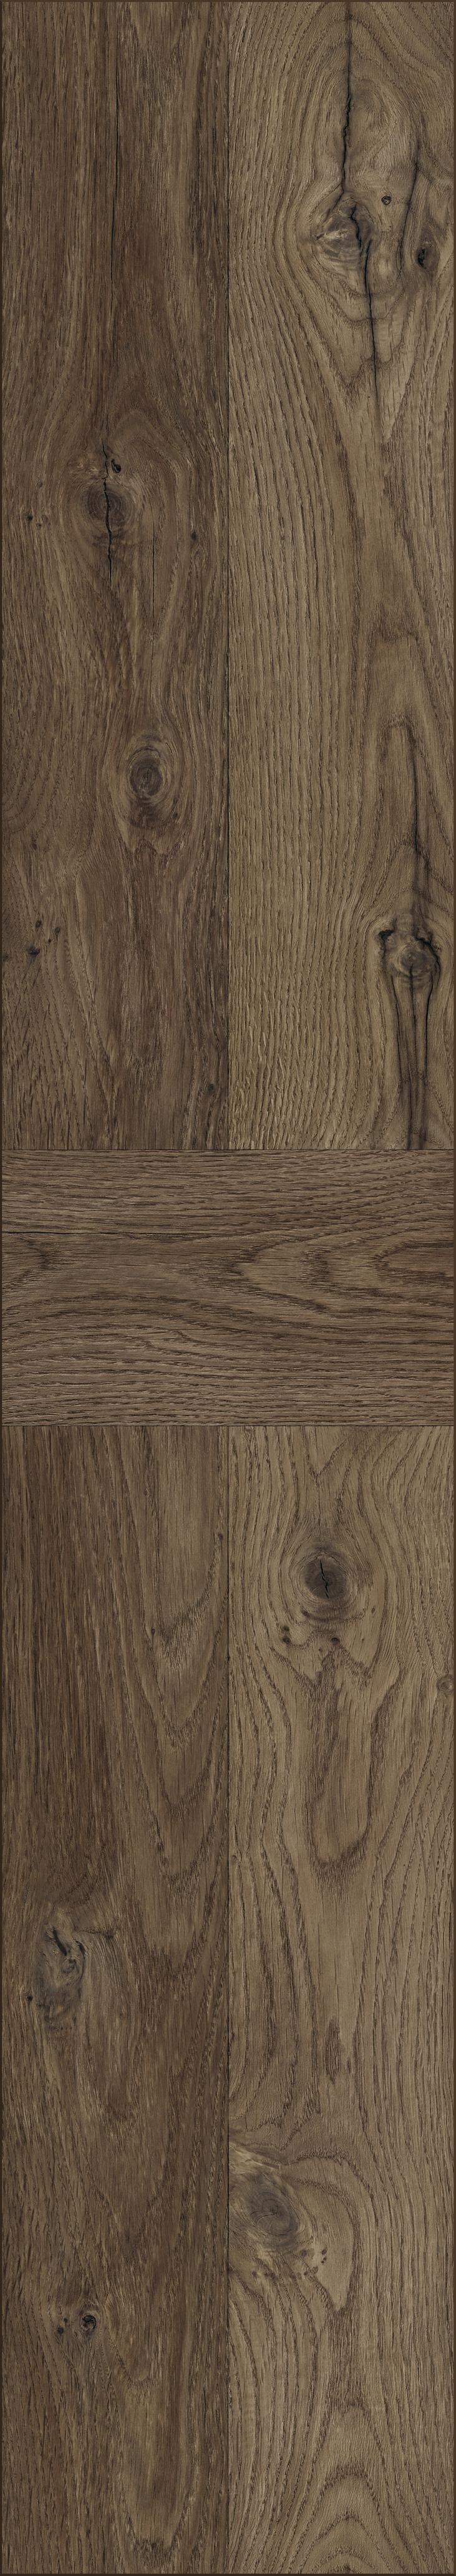 kronotex exquisit plus laminat palast eiche dunkel d. Black Bedroom Furniture Sets. Home Design Ideas